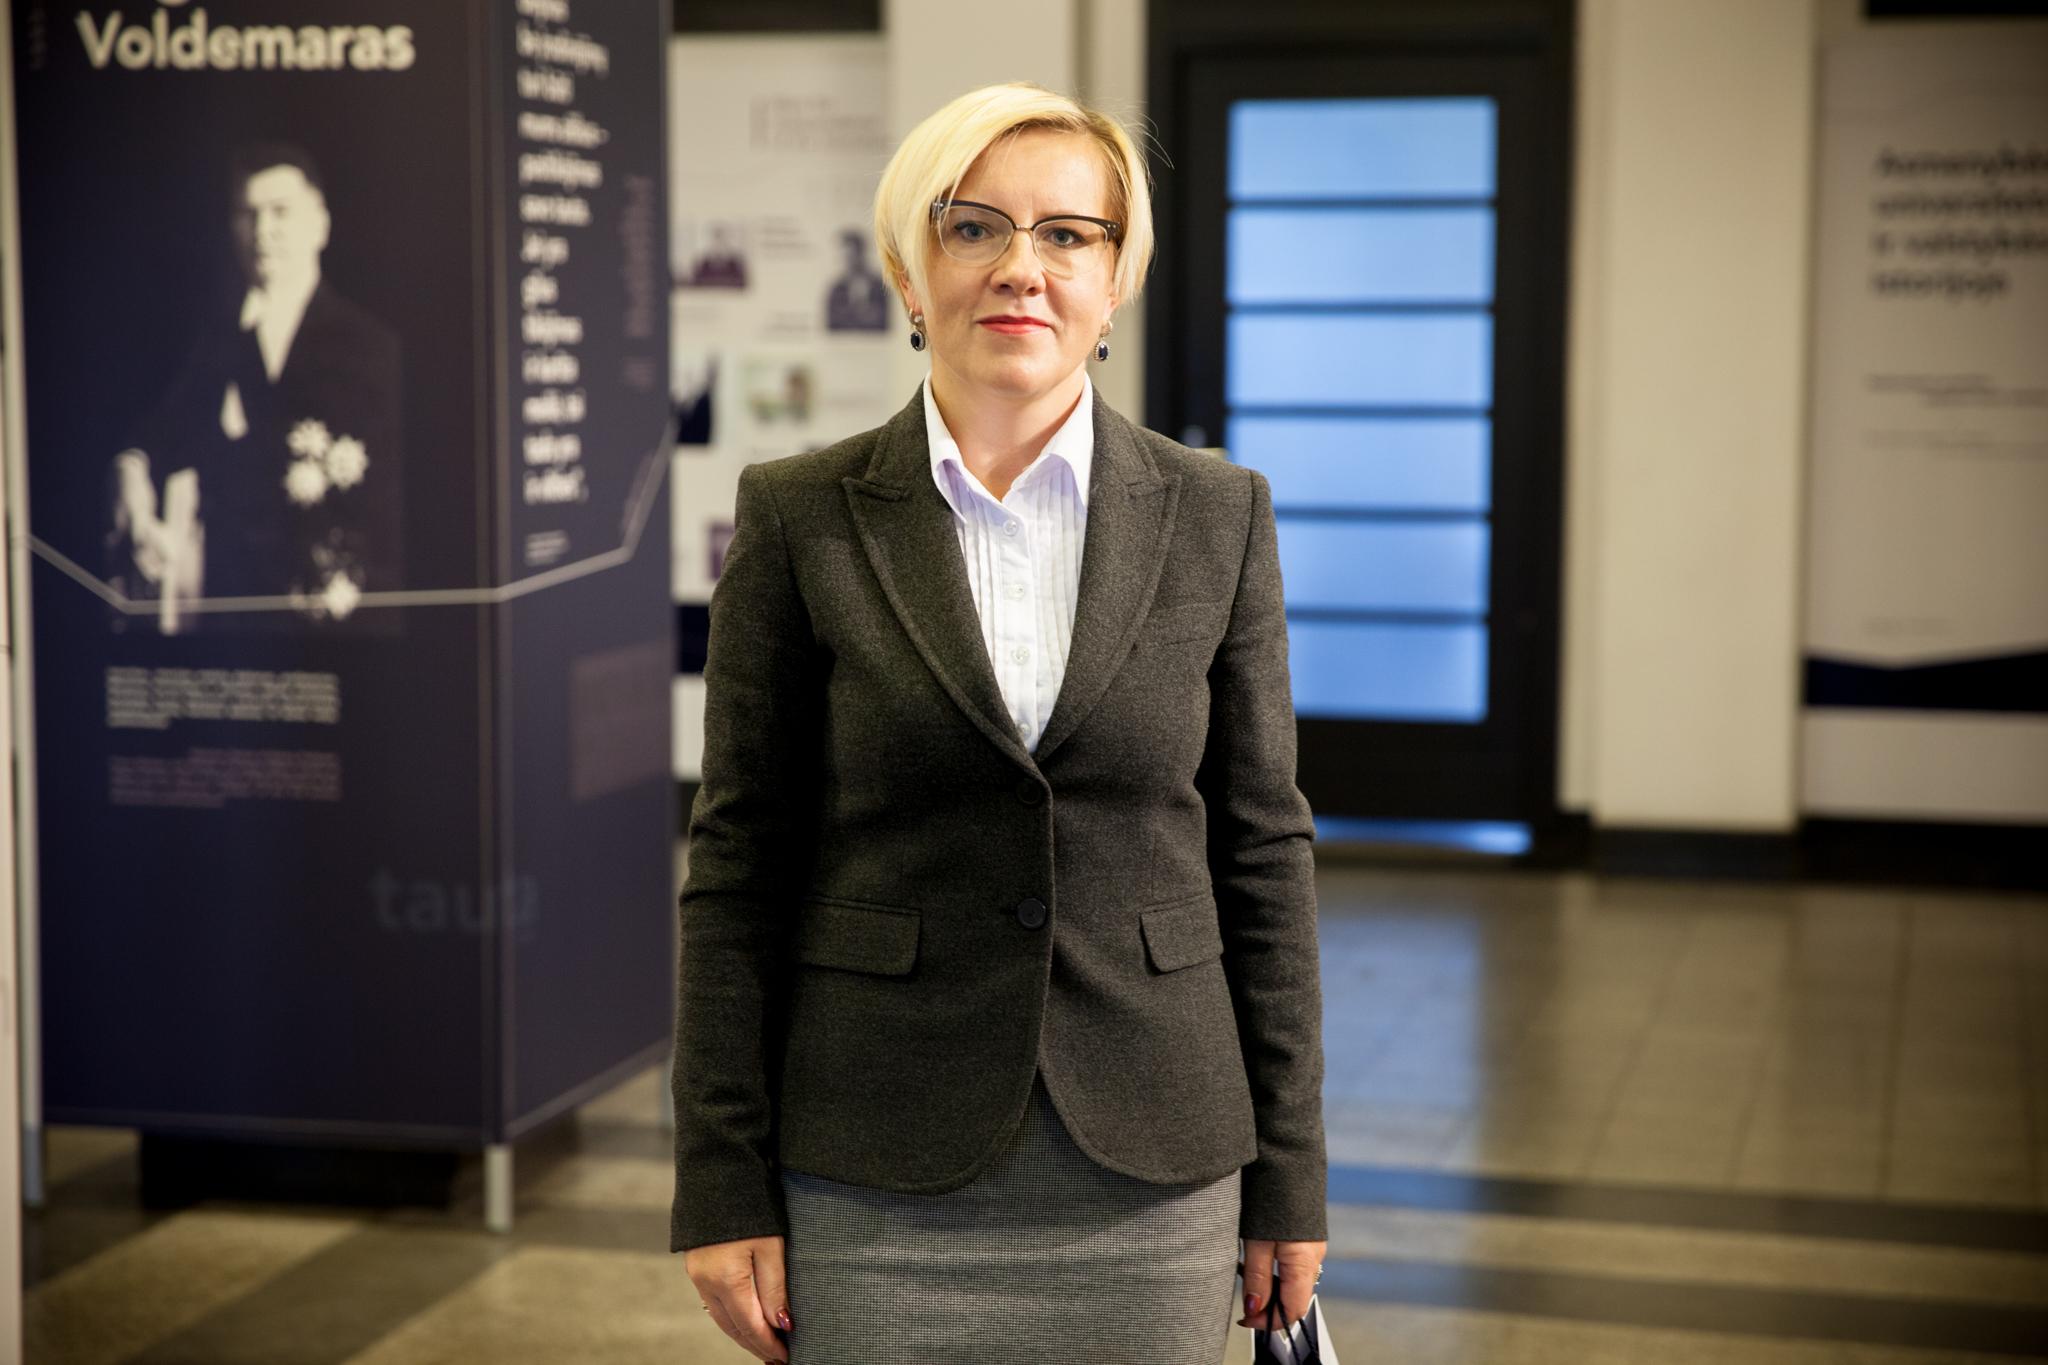 KTU Panevėžio technologijų ir verslo fakulteto dekanė Daiva Žostautienė | KTU nuotr.